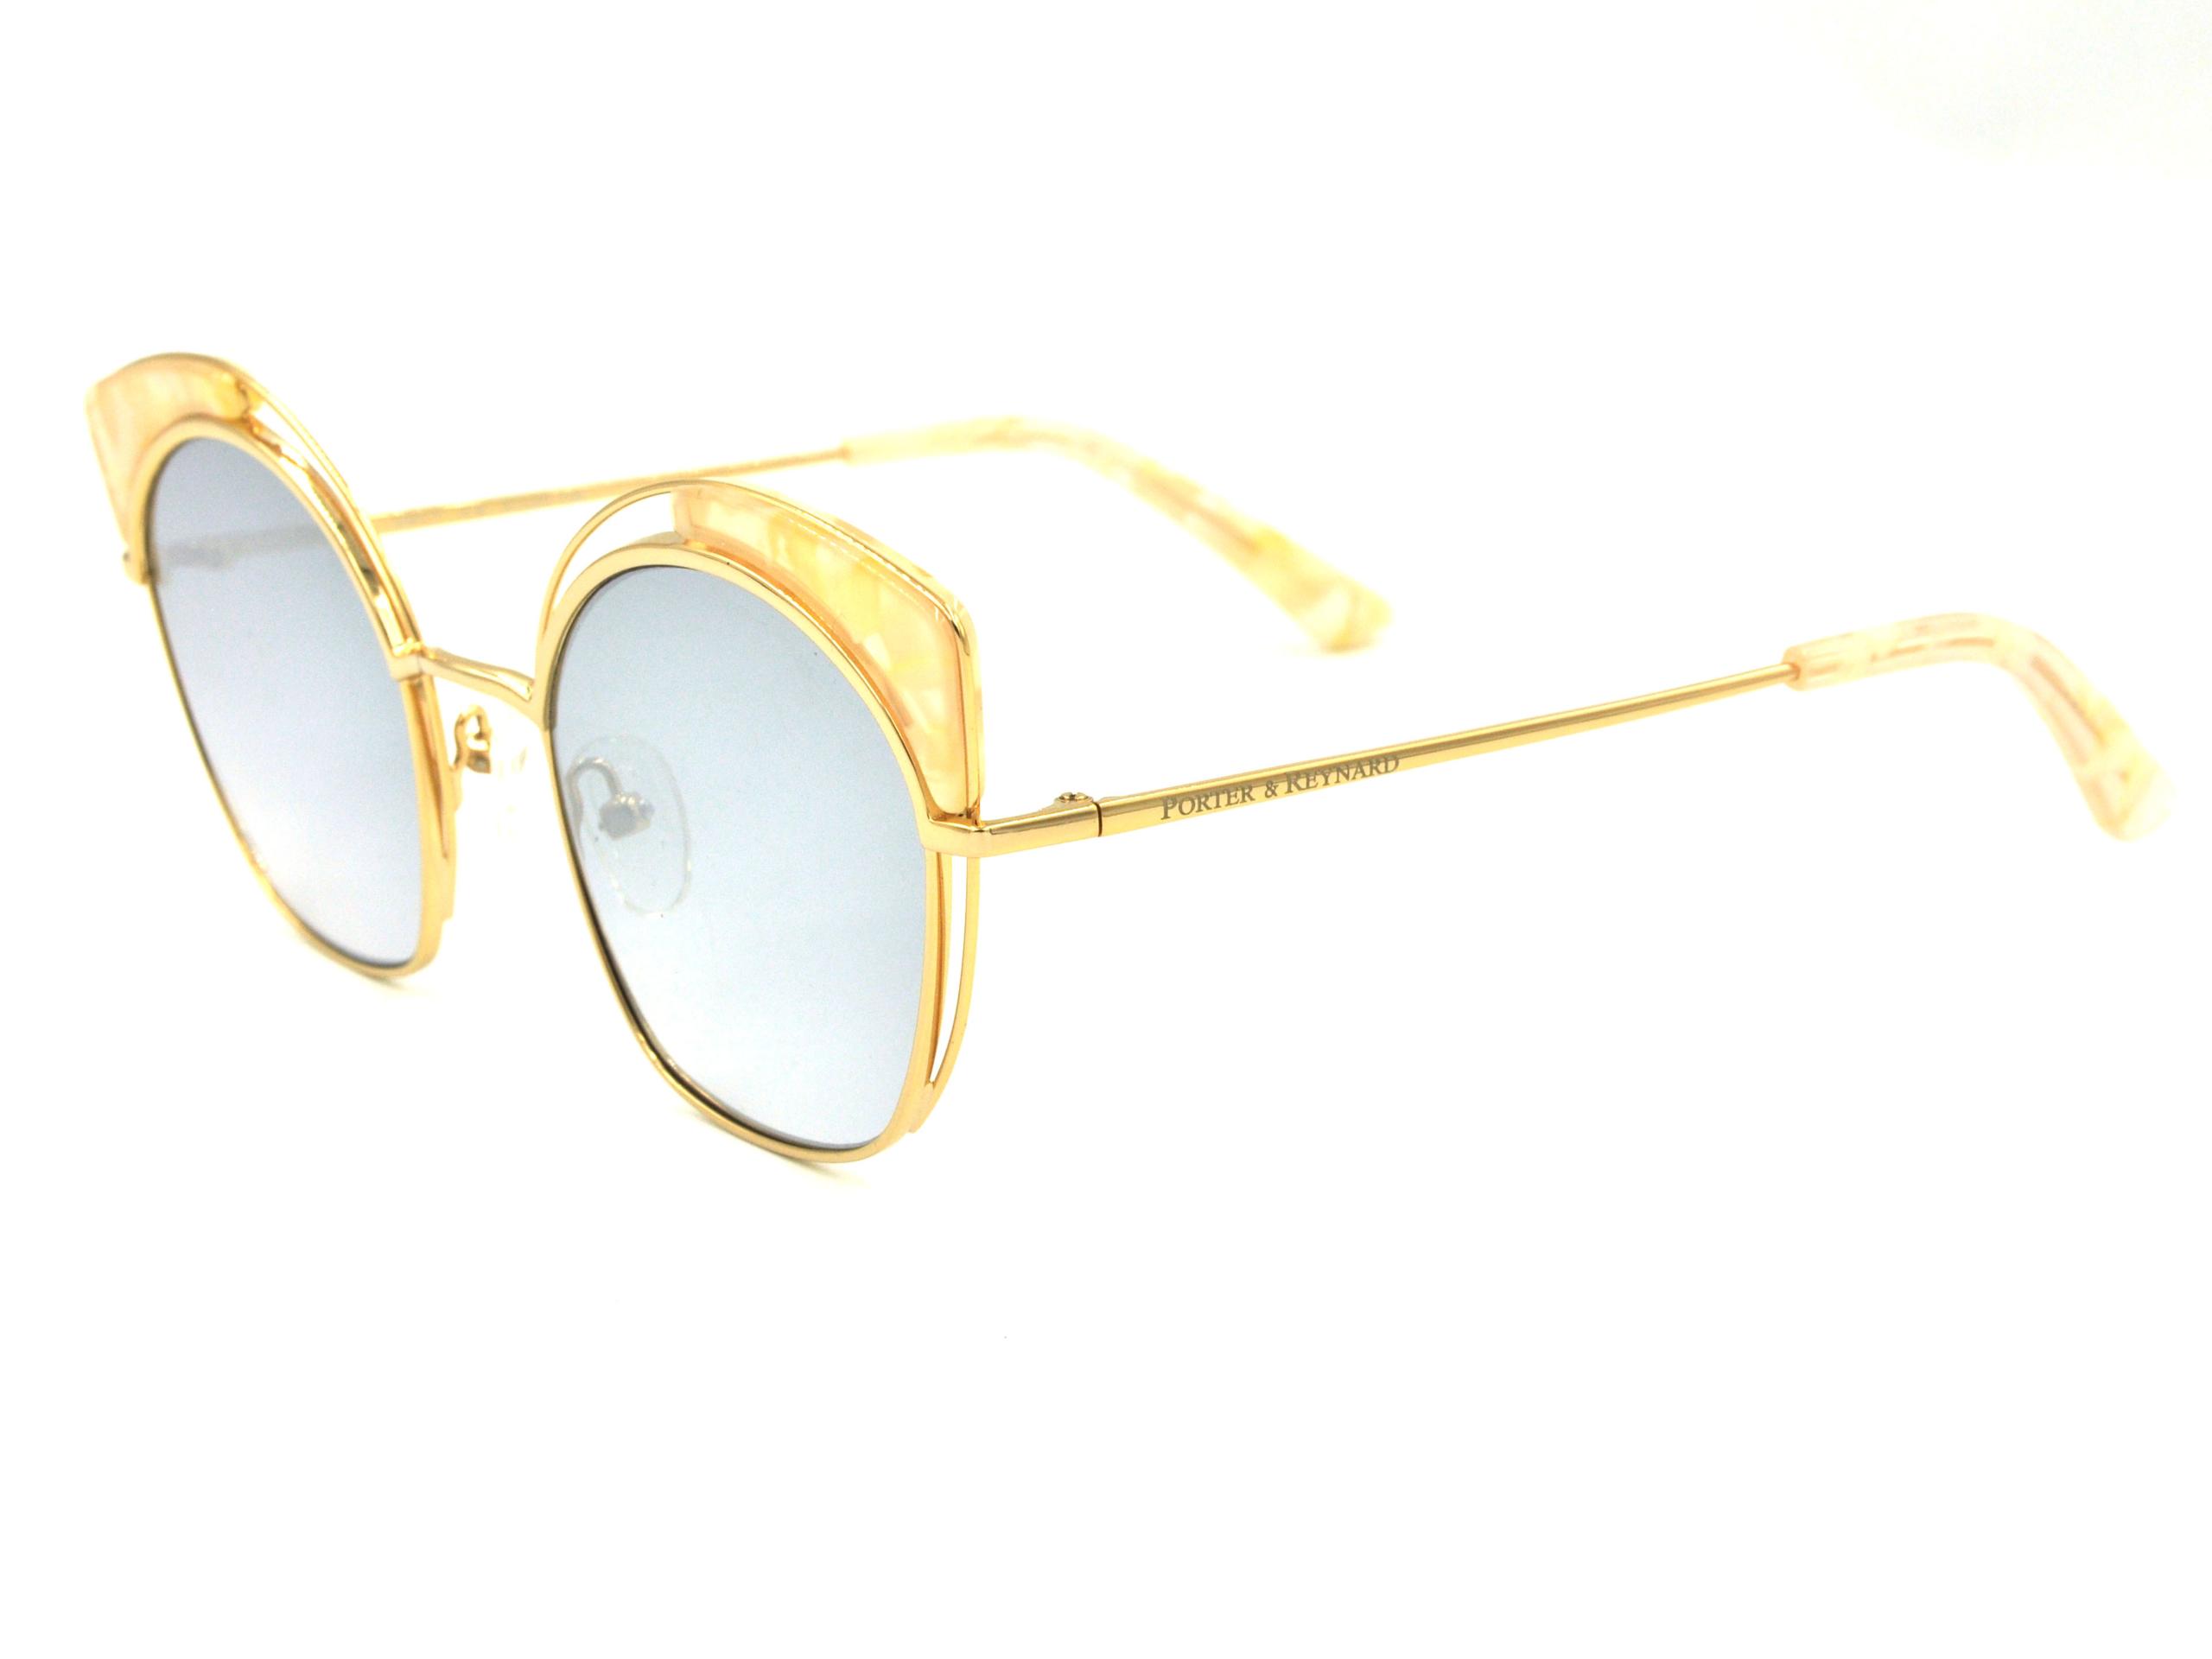 PORTER & REYNARD EMILY C6 Sunglasses 2020